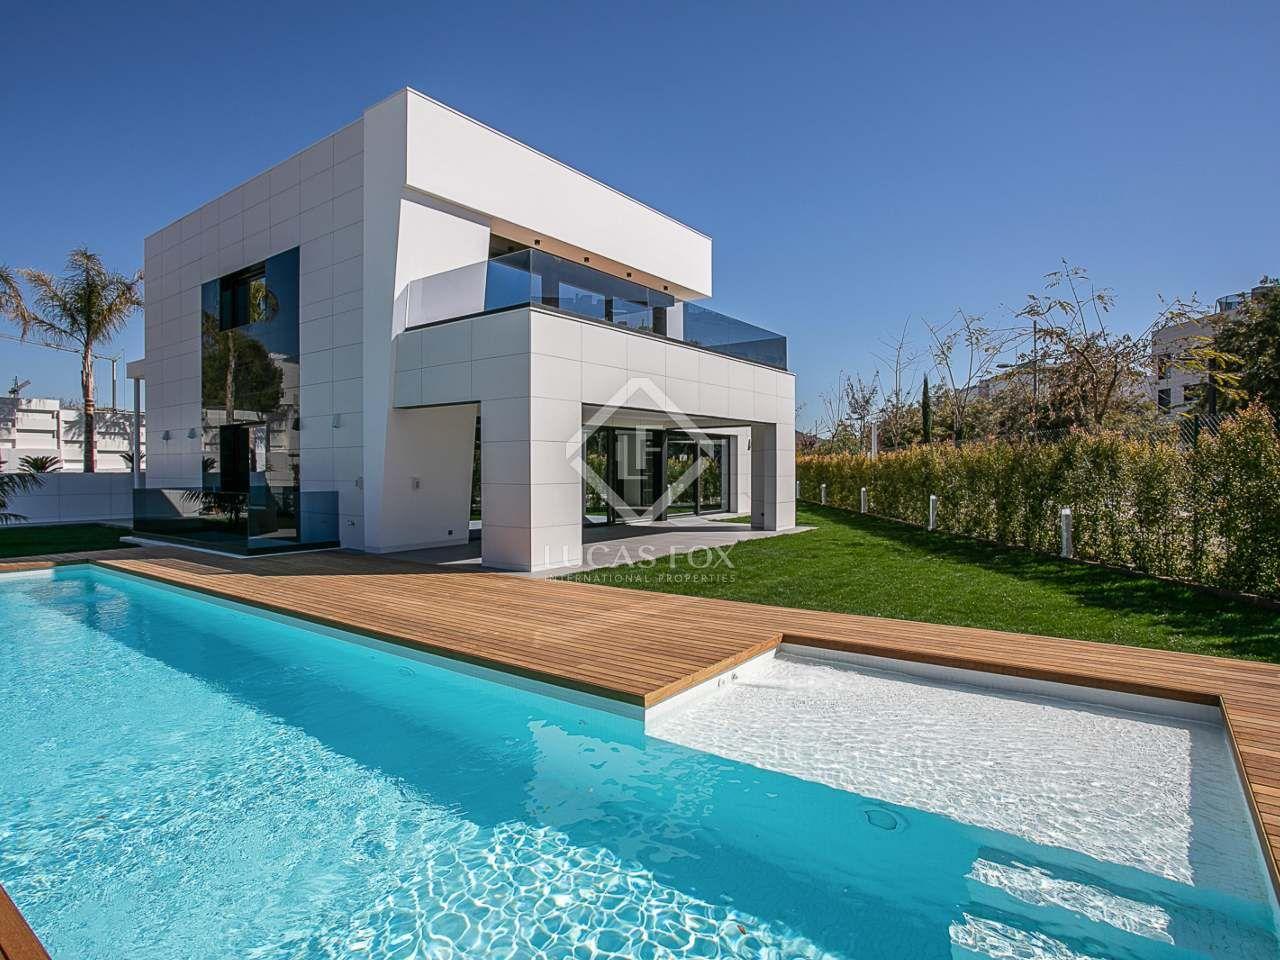 Villa con jardín, piscina, terraza, jacuzzi, garaje